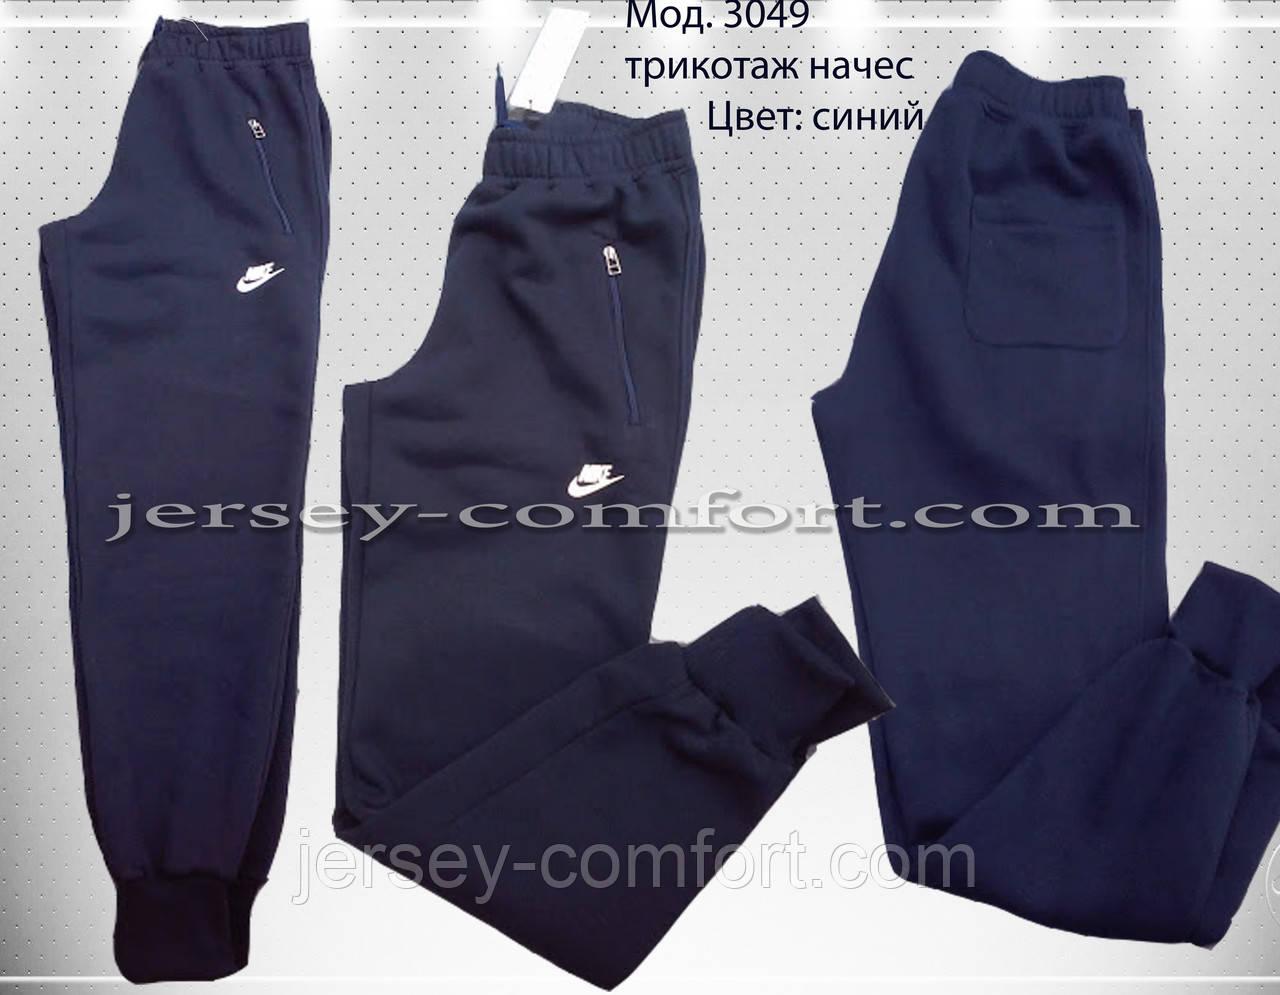 Чоловічі брюки утеплені - трикотаж-начіс.На манжеті. Різні кольори.